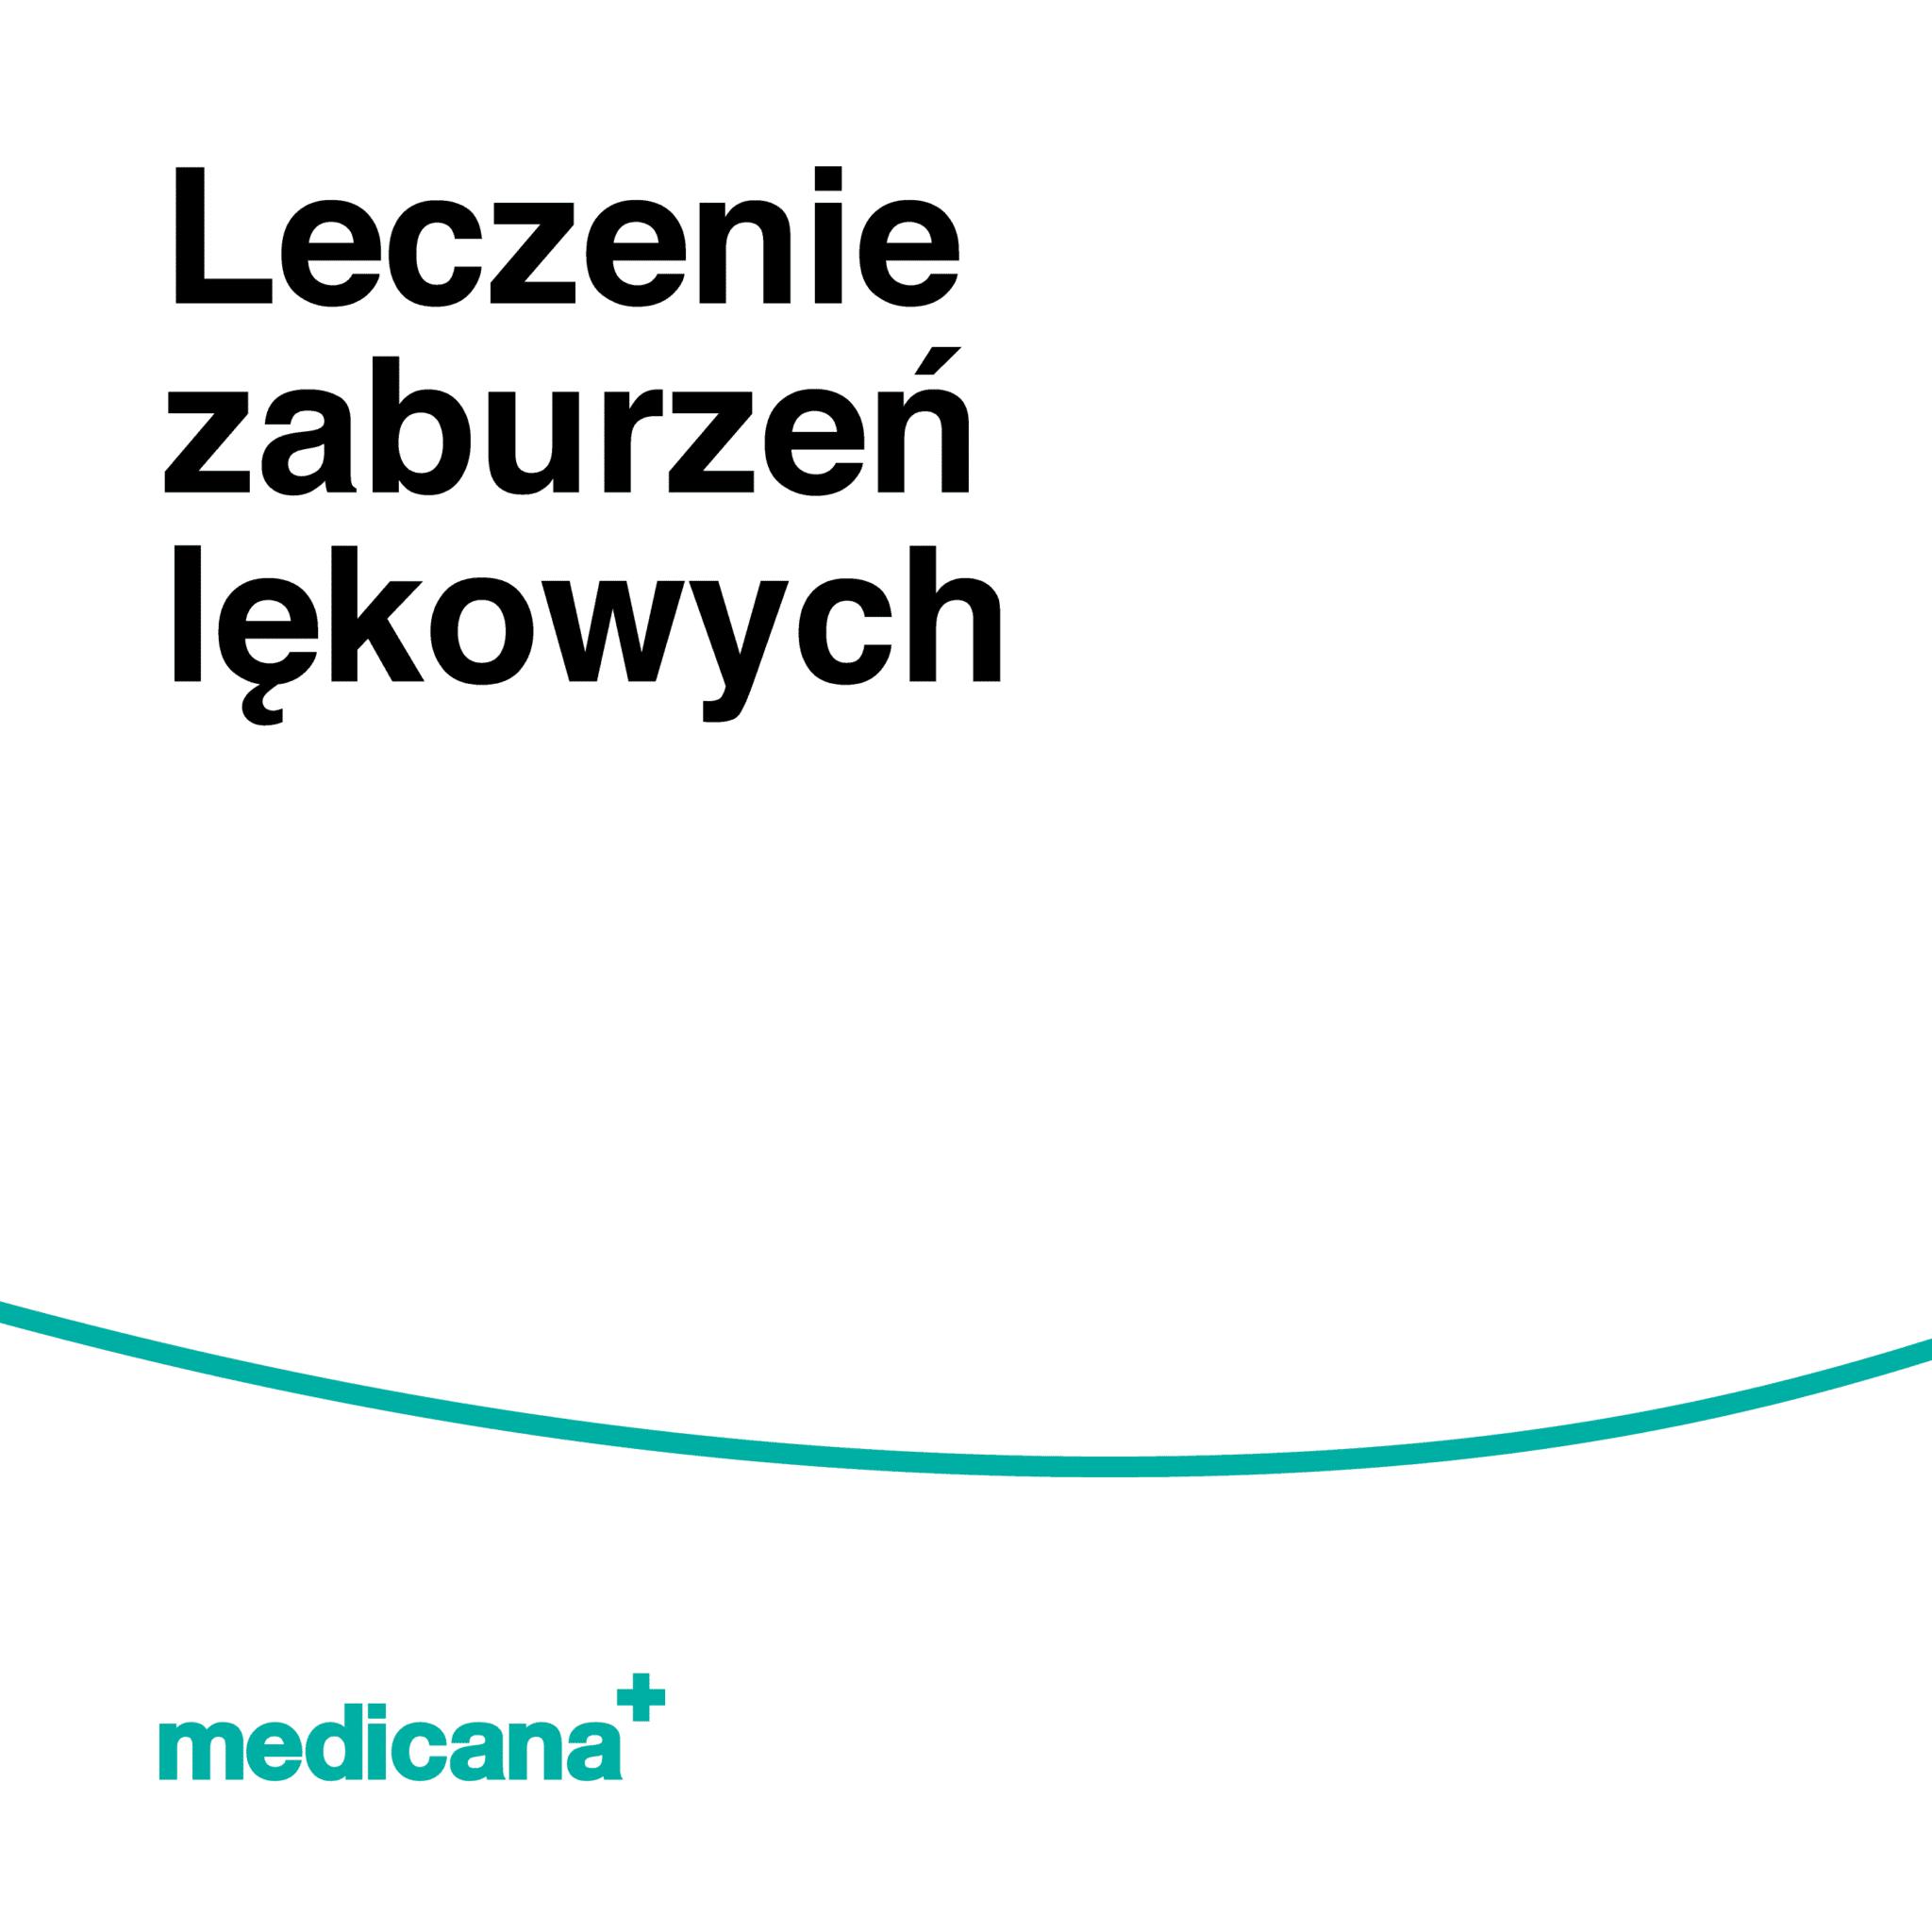 Grafika, białe tło z zieloną linią, czarnym napisem Leczenie zaburzeń lękowych oraz zielonym logo Medicana w lewym dolnym rogu.